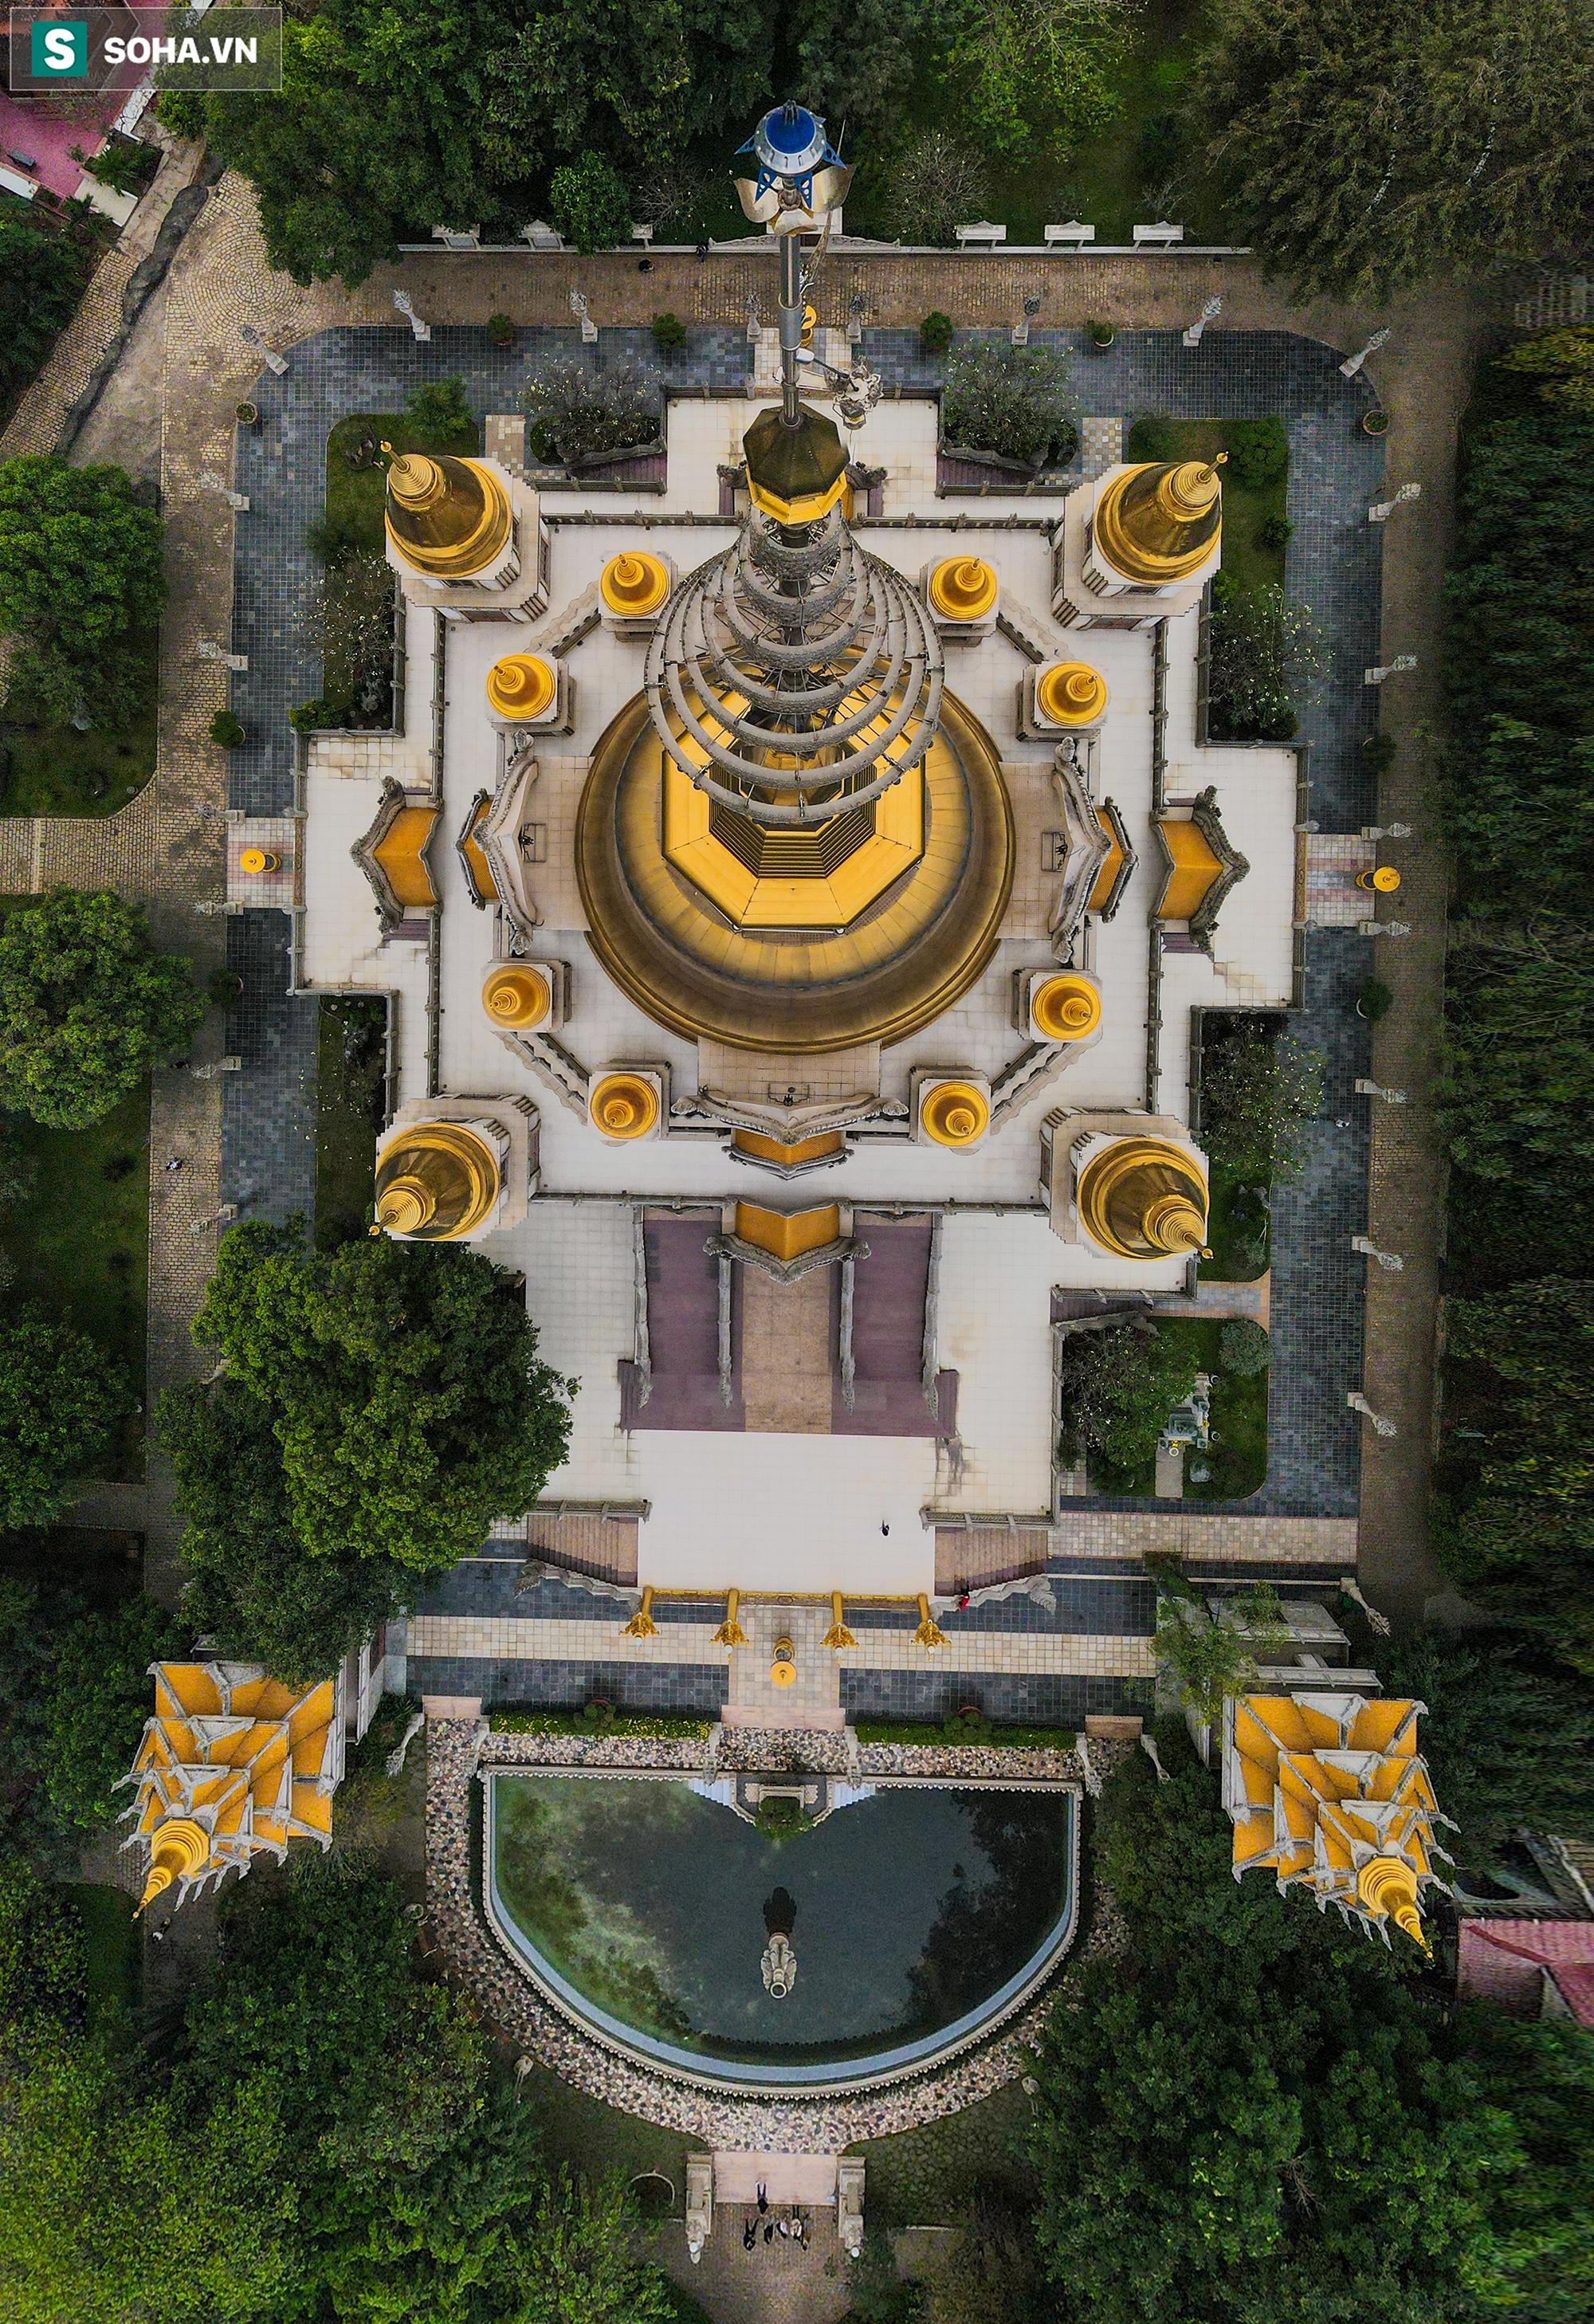 [Ảnh] Ngắm vẻ đẹp huyền bí của ngôi chùa lọt top đẹp nhất thế giới tọa lạc tại TP.Thủ Đức - Ảnh 14.